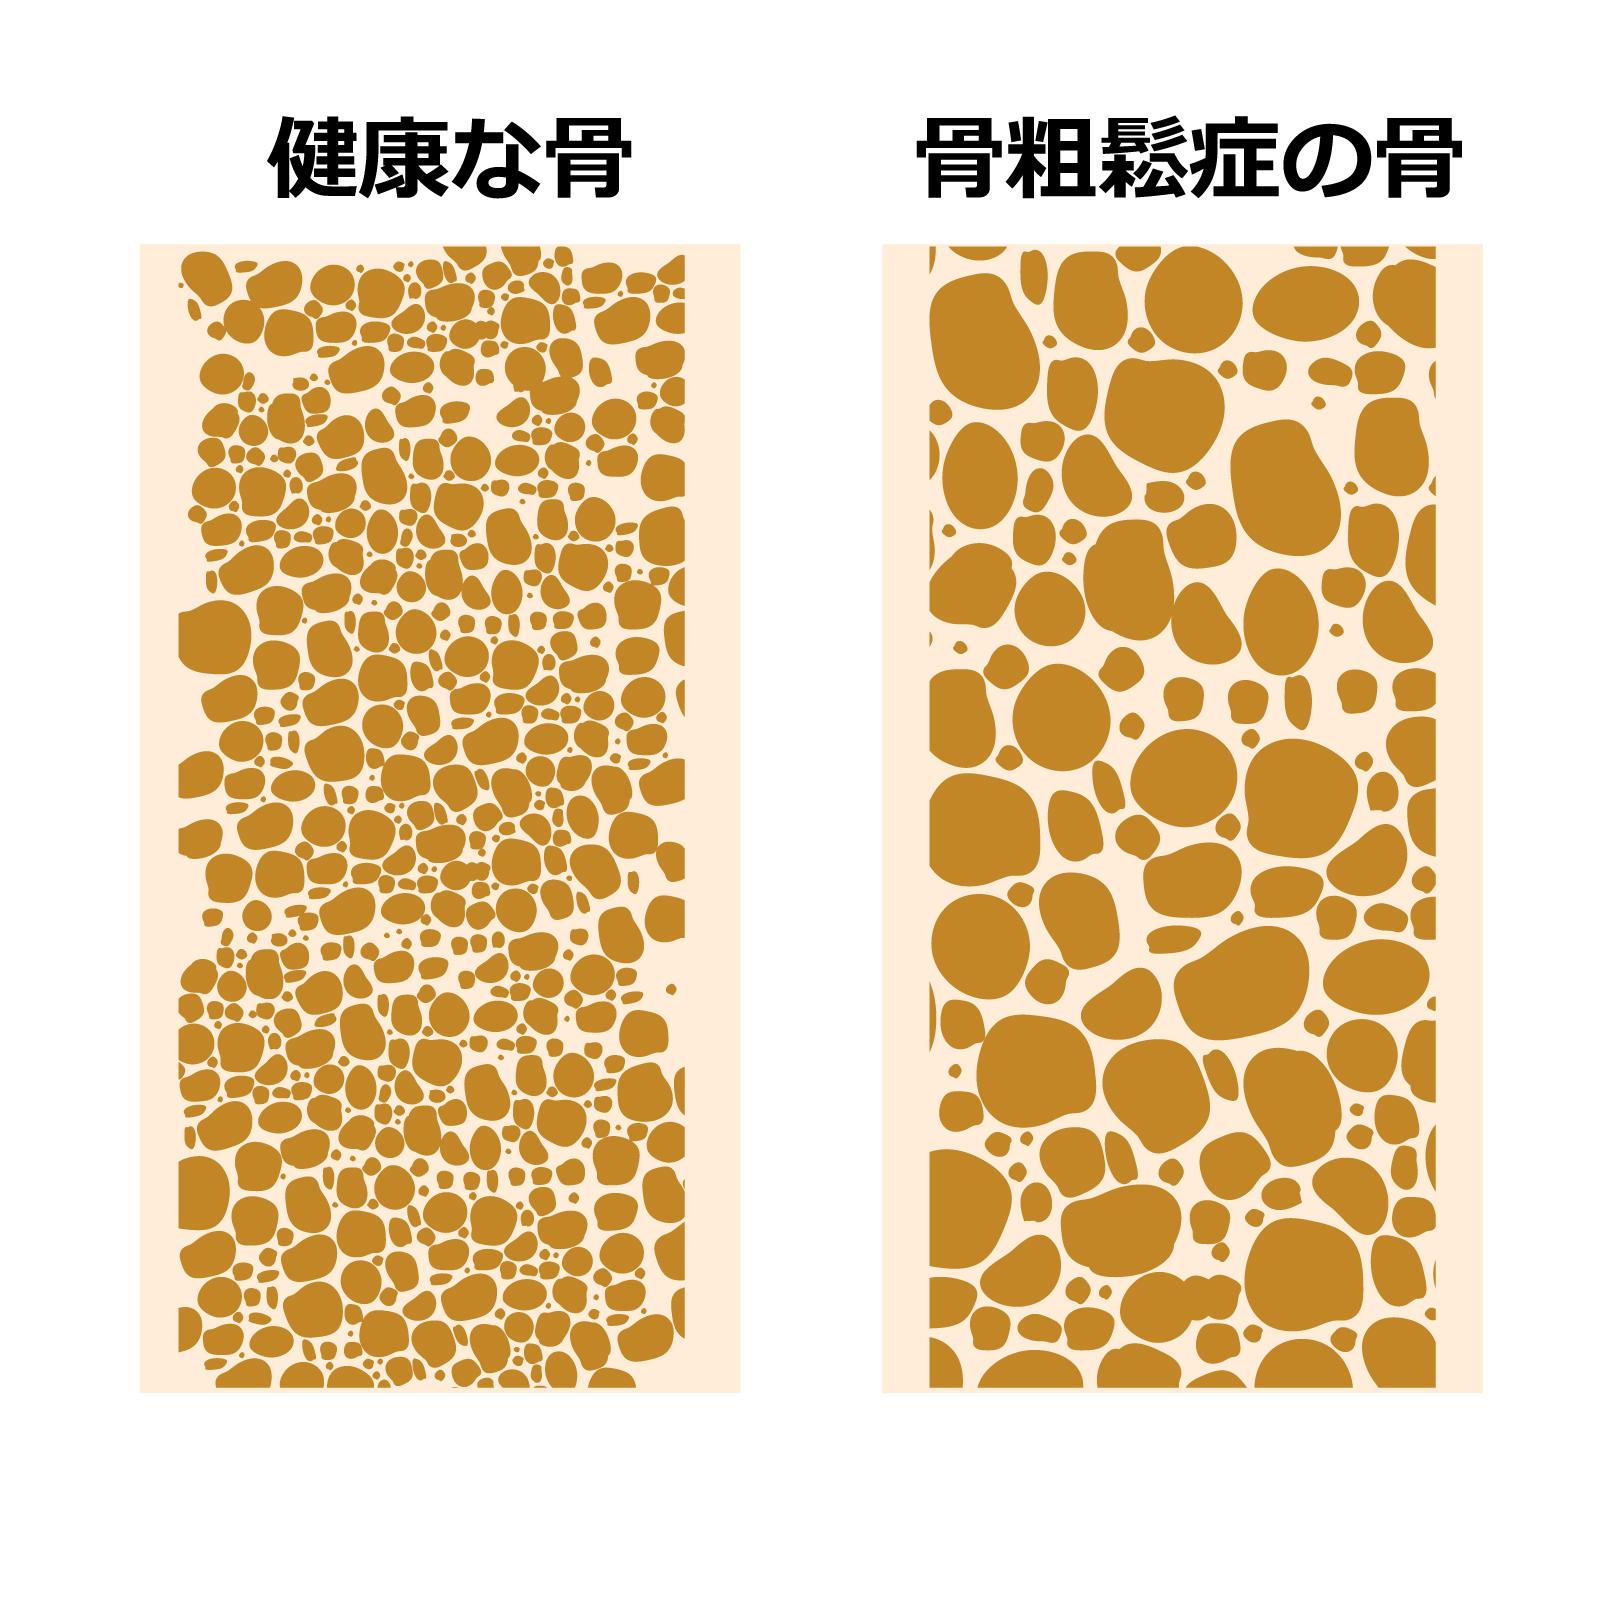 骨粗しょう症と膝痛:みらいトピックス:船橋整形外科 みらいクリニック:Funabashi Orthopedic Mirai Clinic